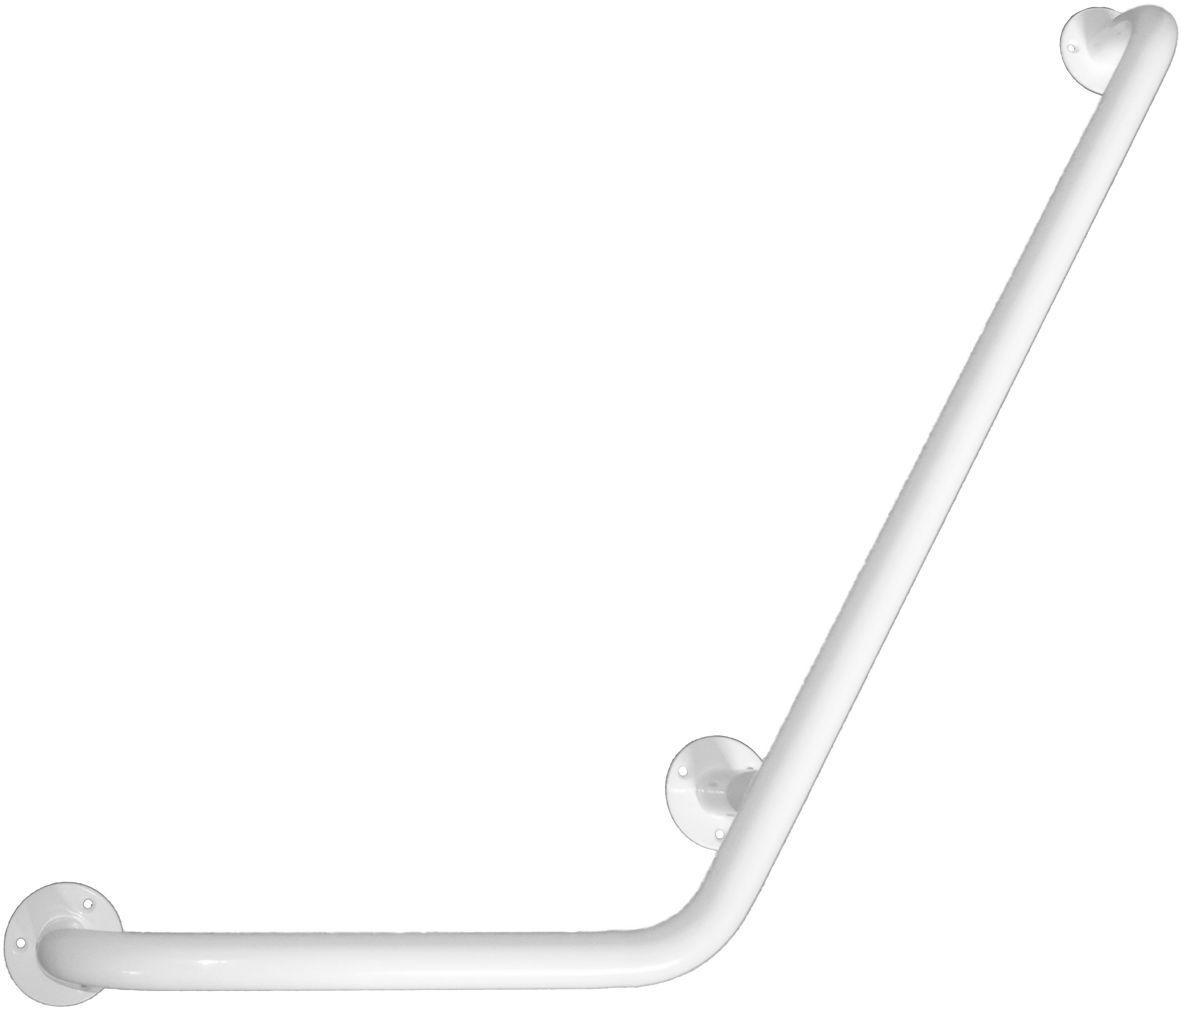 Uchwyt do łazienki dla niepełnosprawnych kątowy prawy fi 25 80 x 40 cm Faneco stal biała